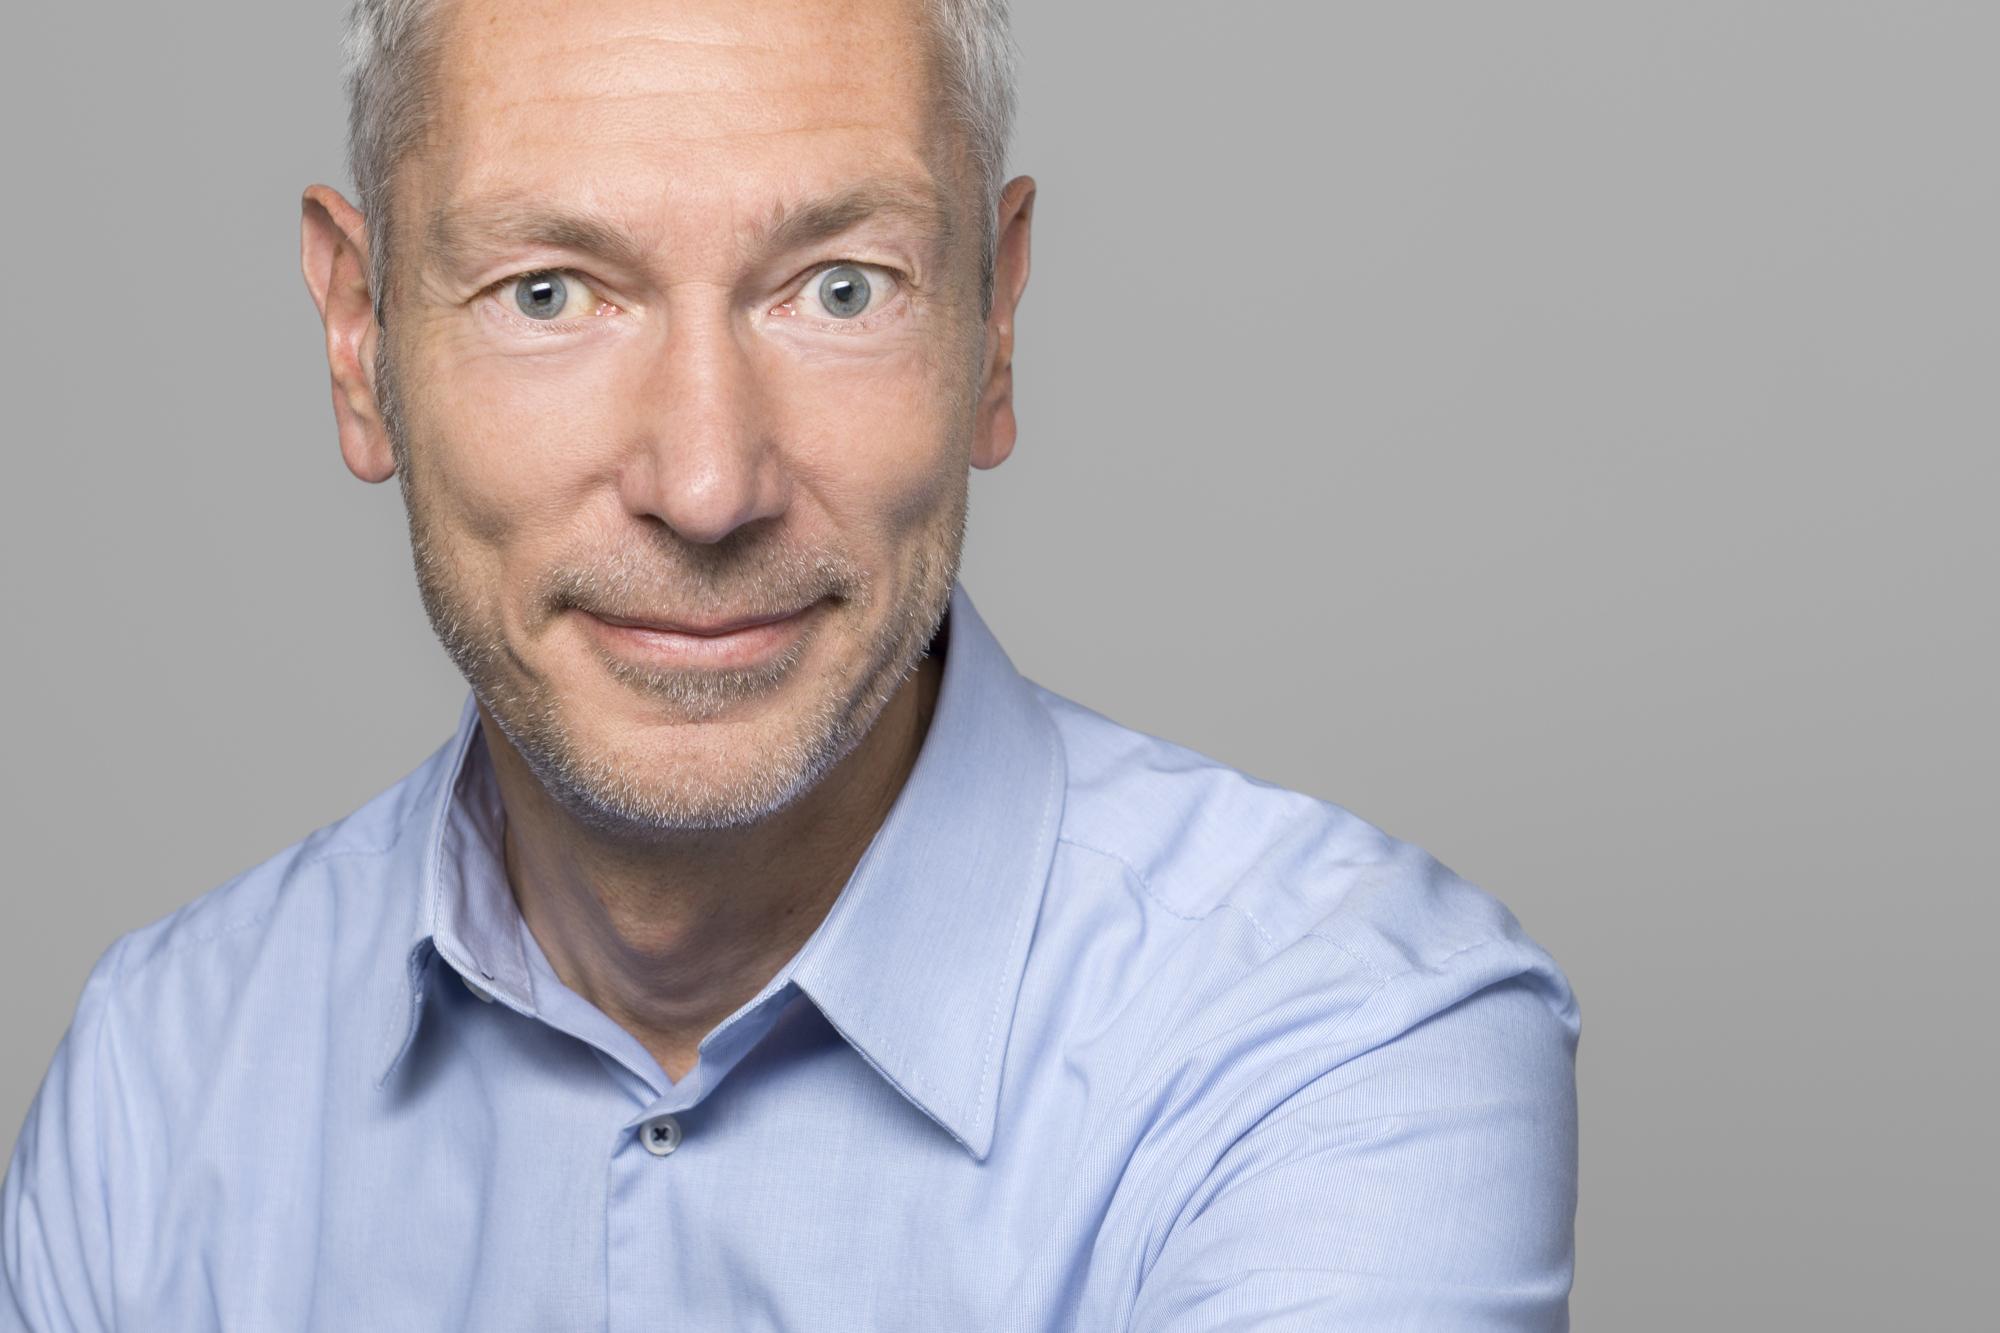 Dr. Marc Reinhold